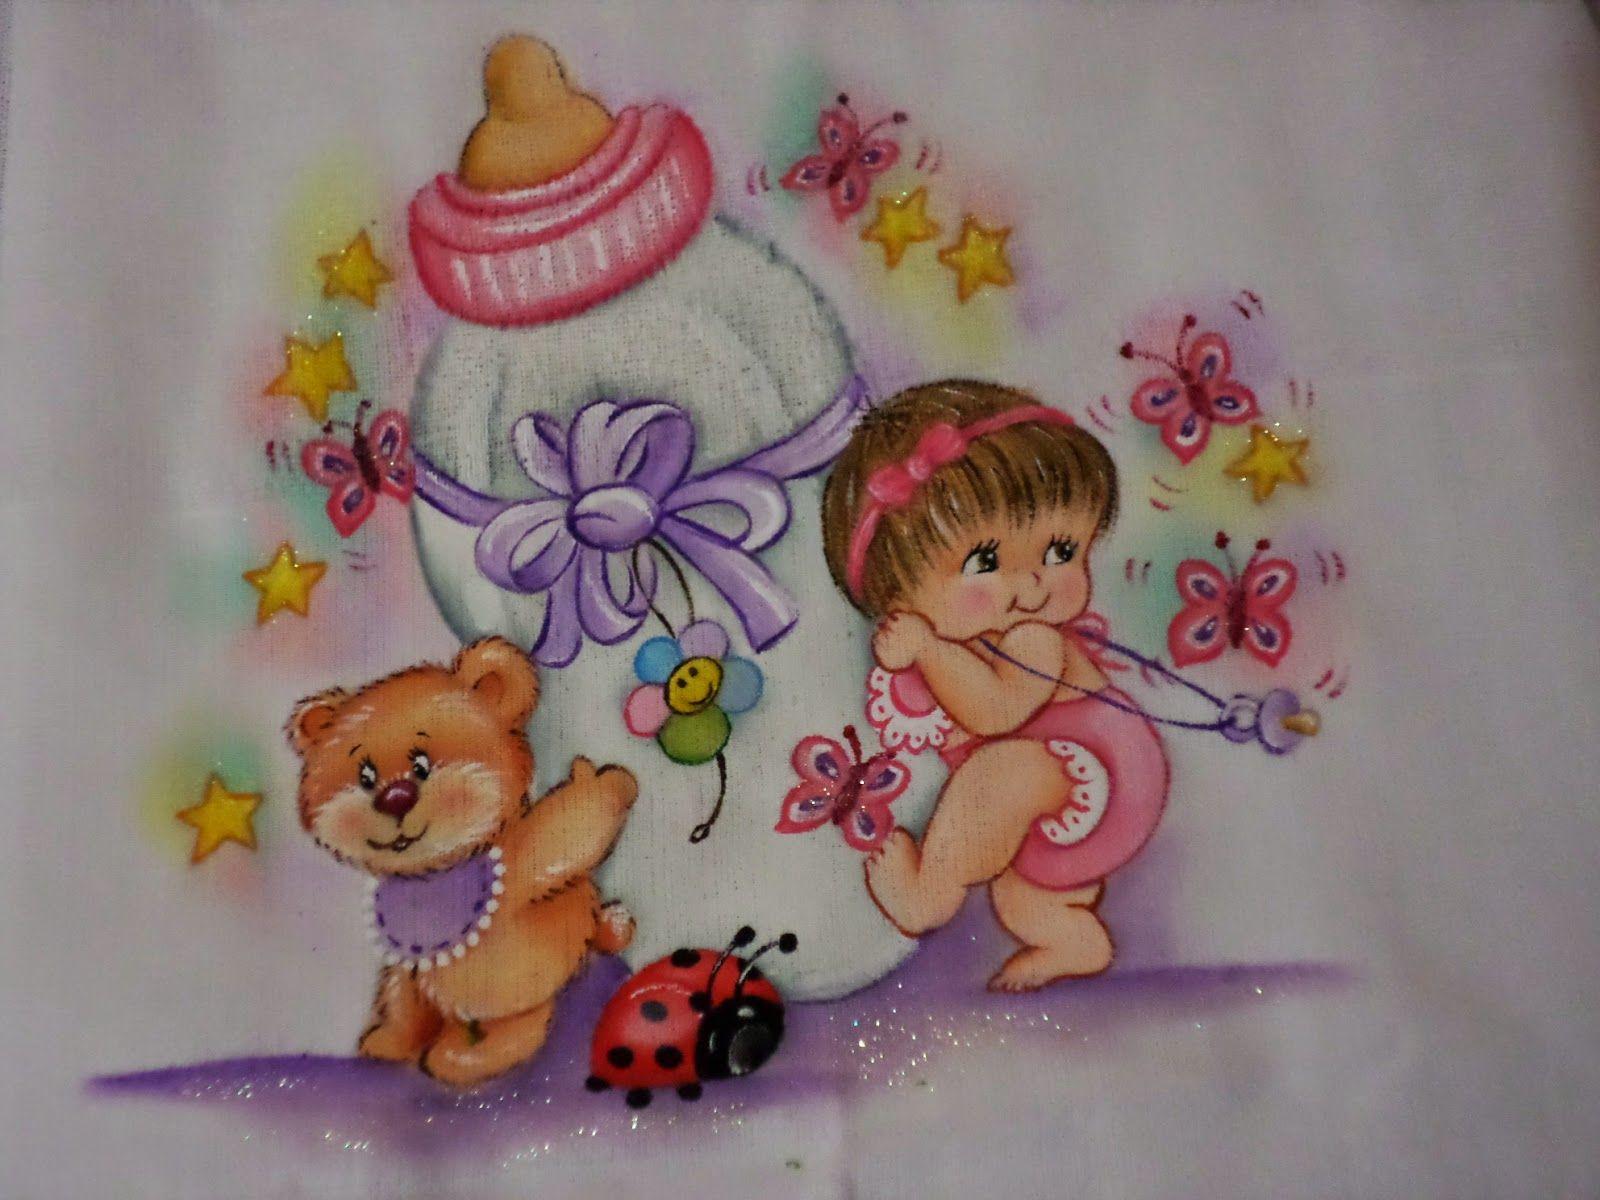 Eliana pintura e croch fraldas pintadas pintura - Pintura para decoupage ...